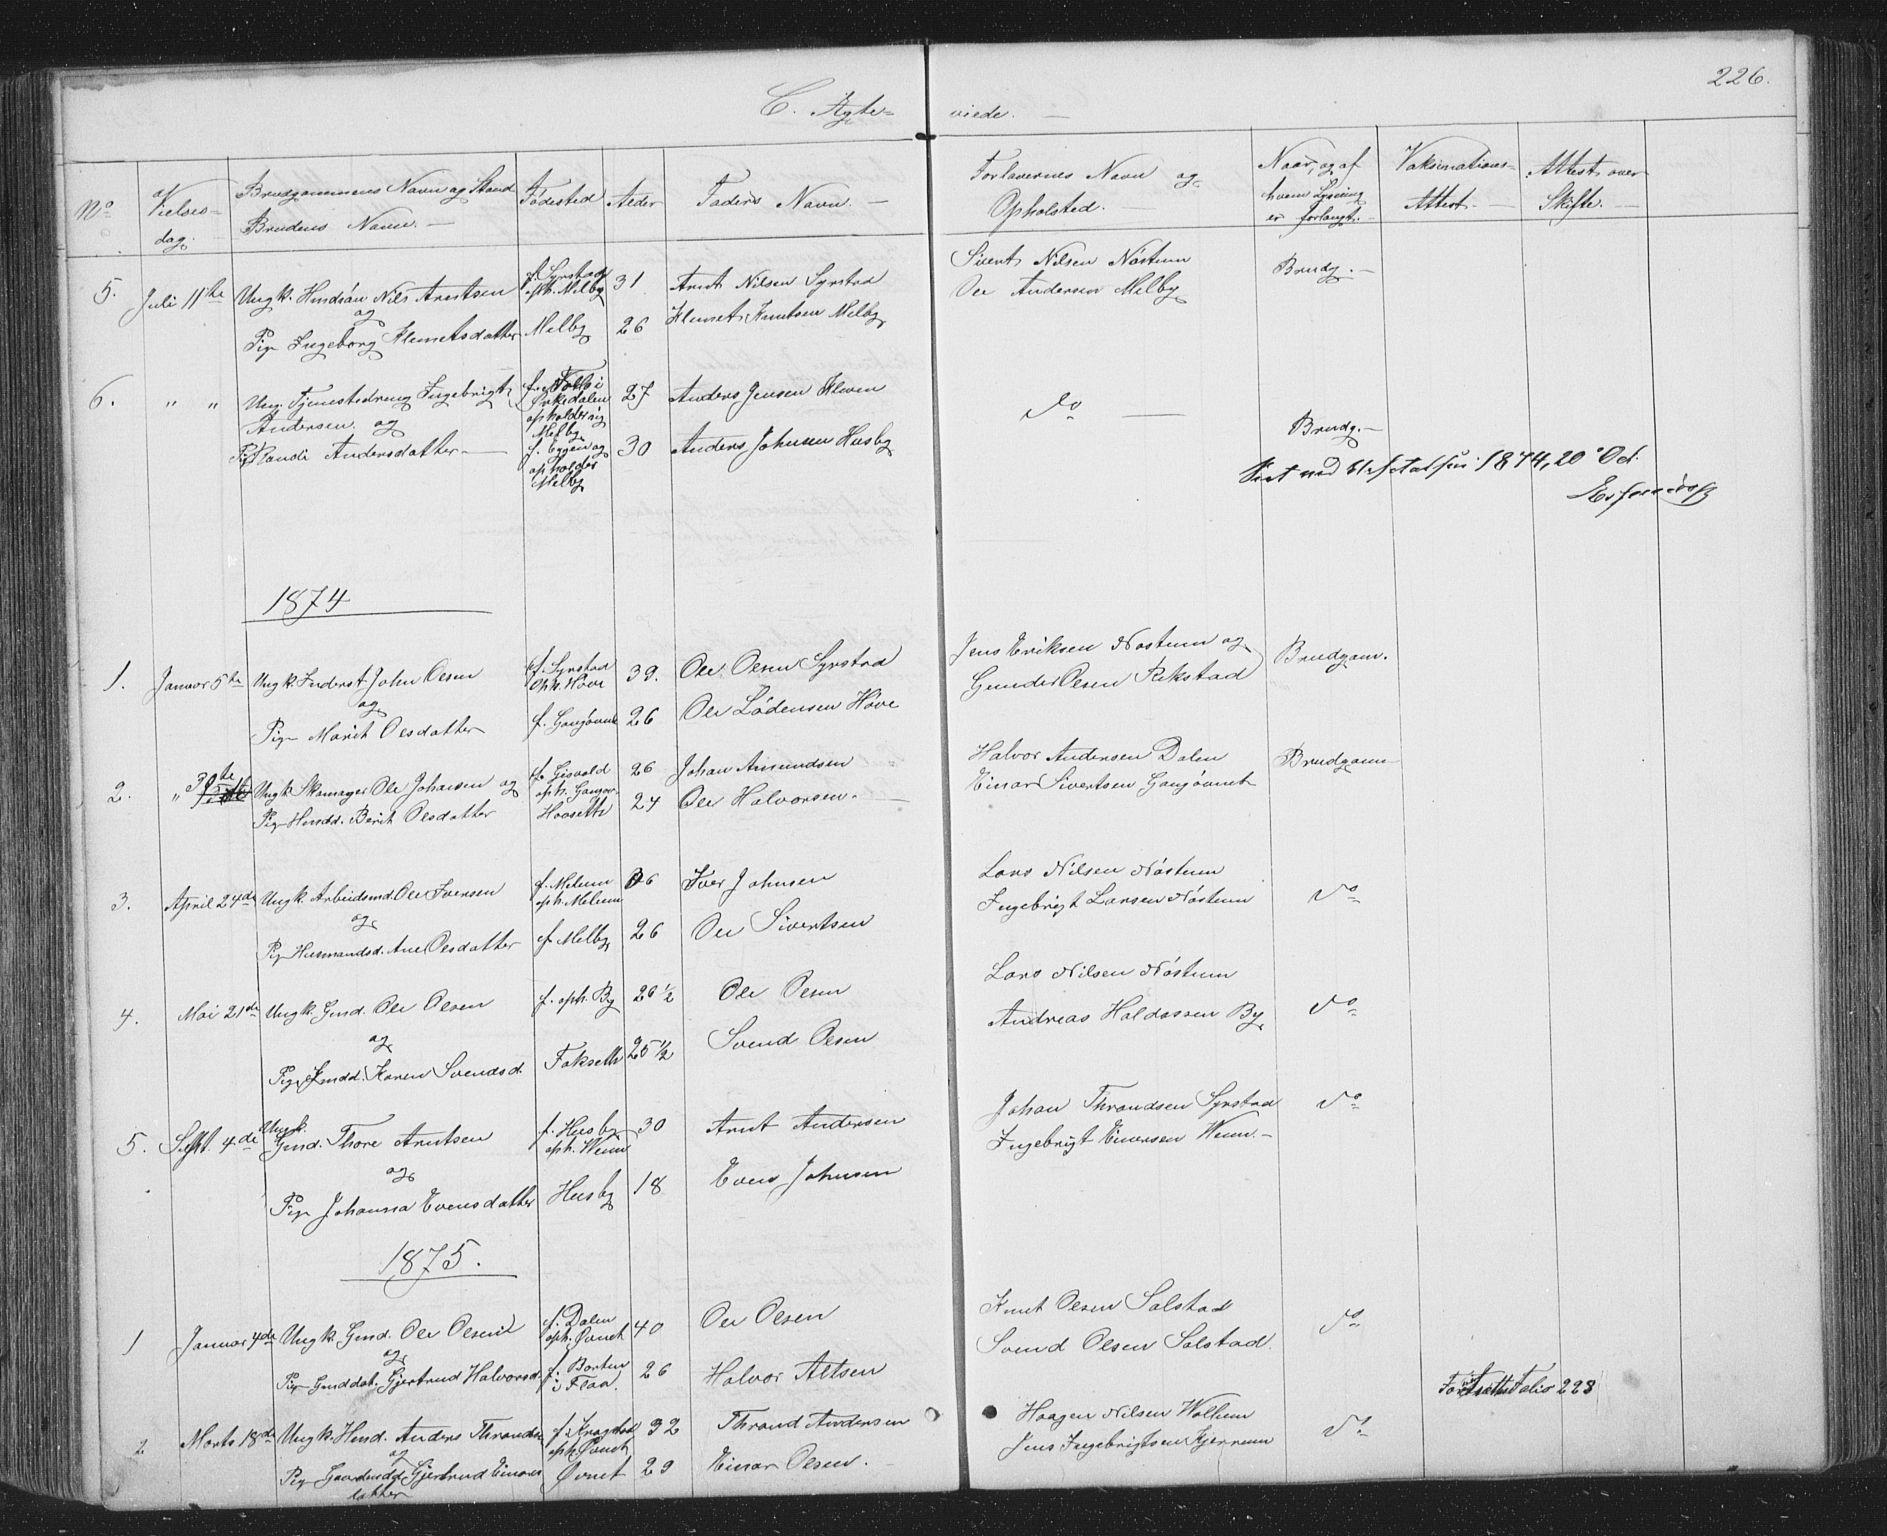 SAT, Ministerialprotokoller, klokkerbøker og fødselsregistre - Sør-Trøndelag, 667/L0798: Klokkerbok nr. 667C03, 1867-1929, s. 226